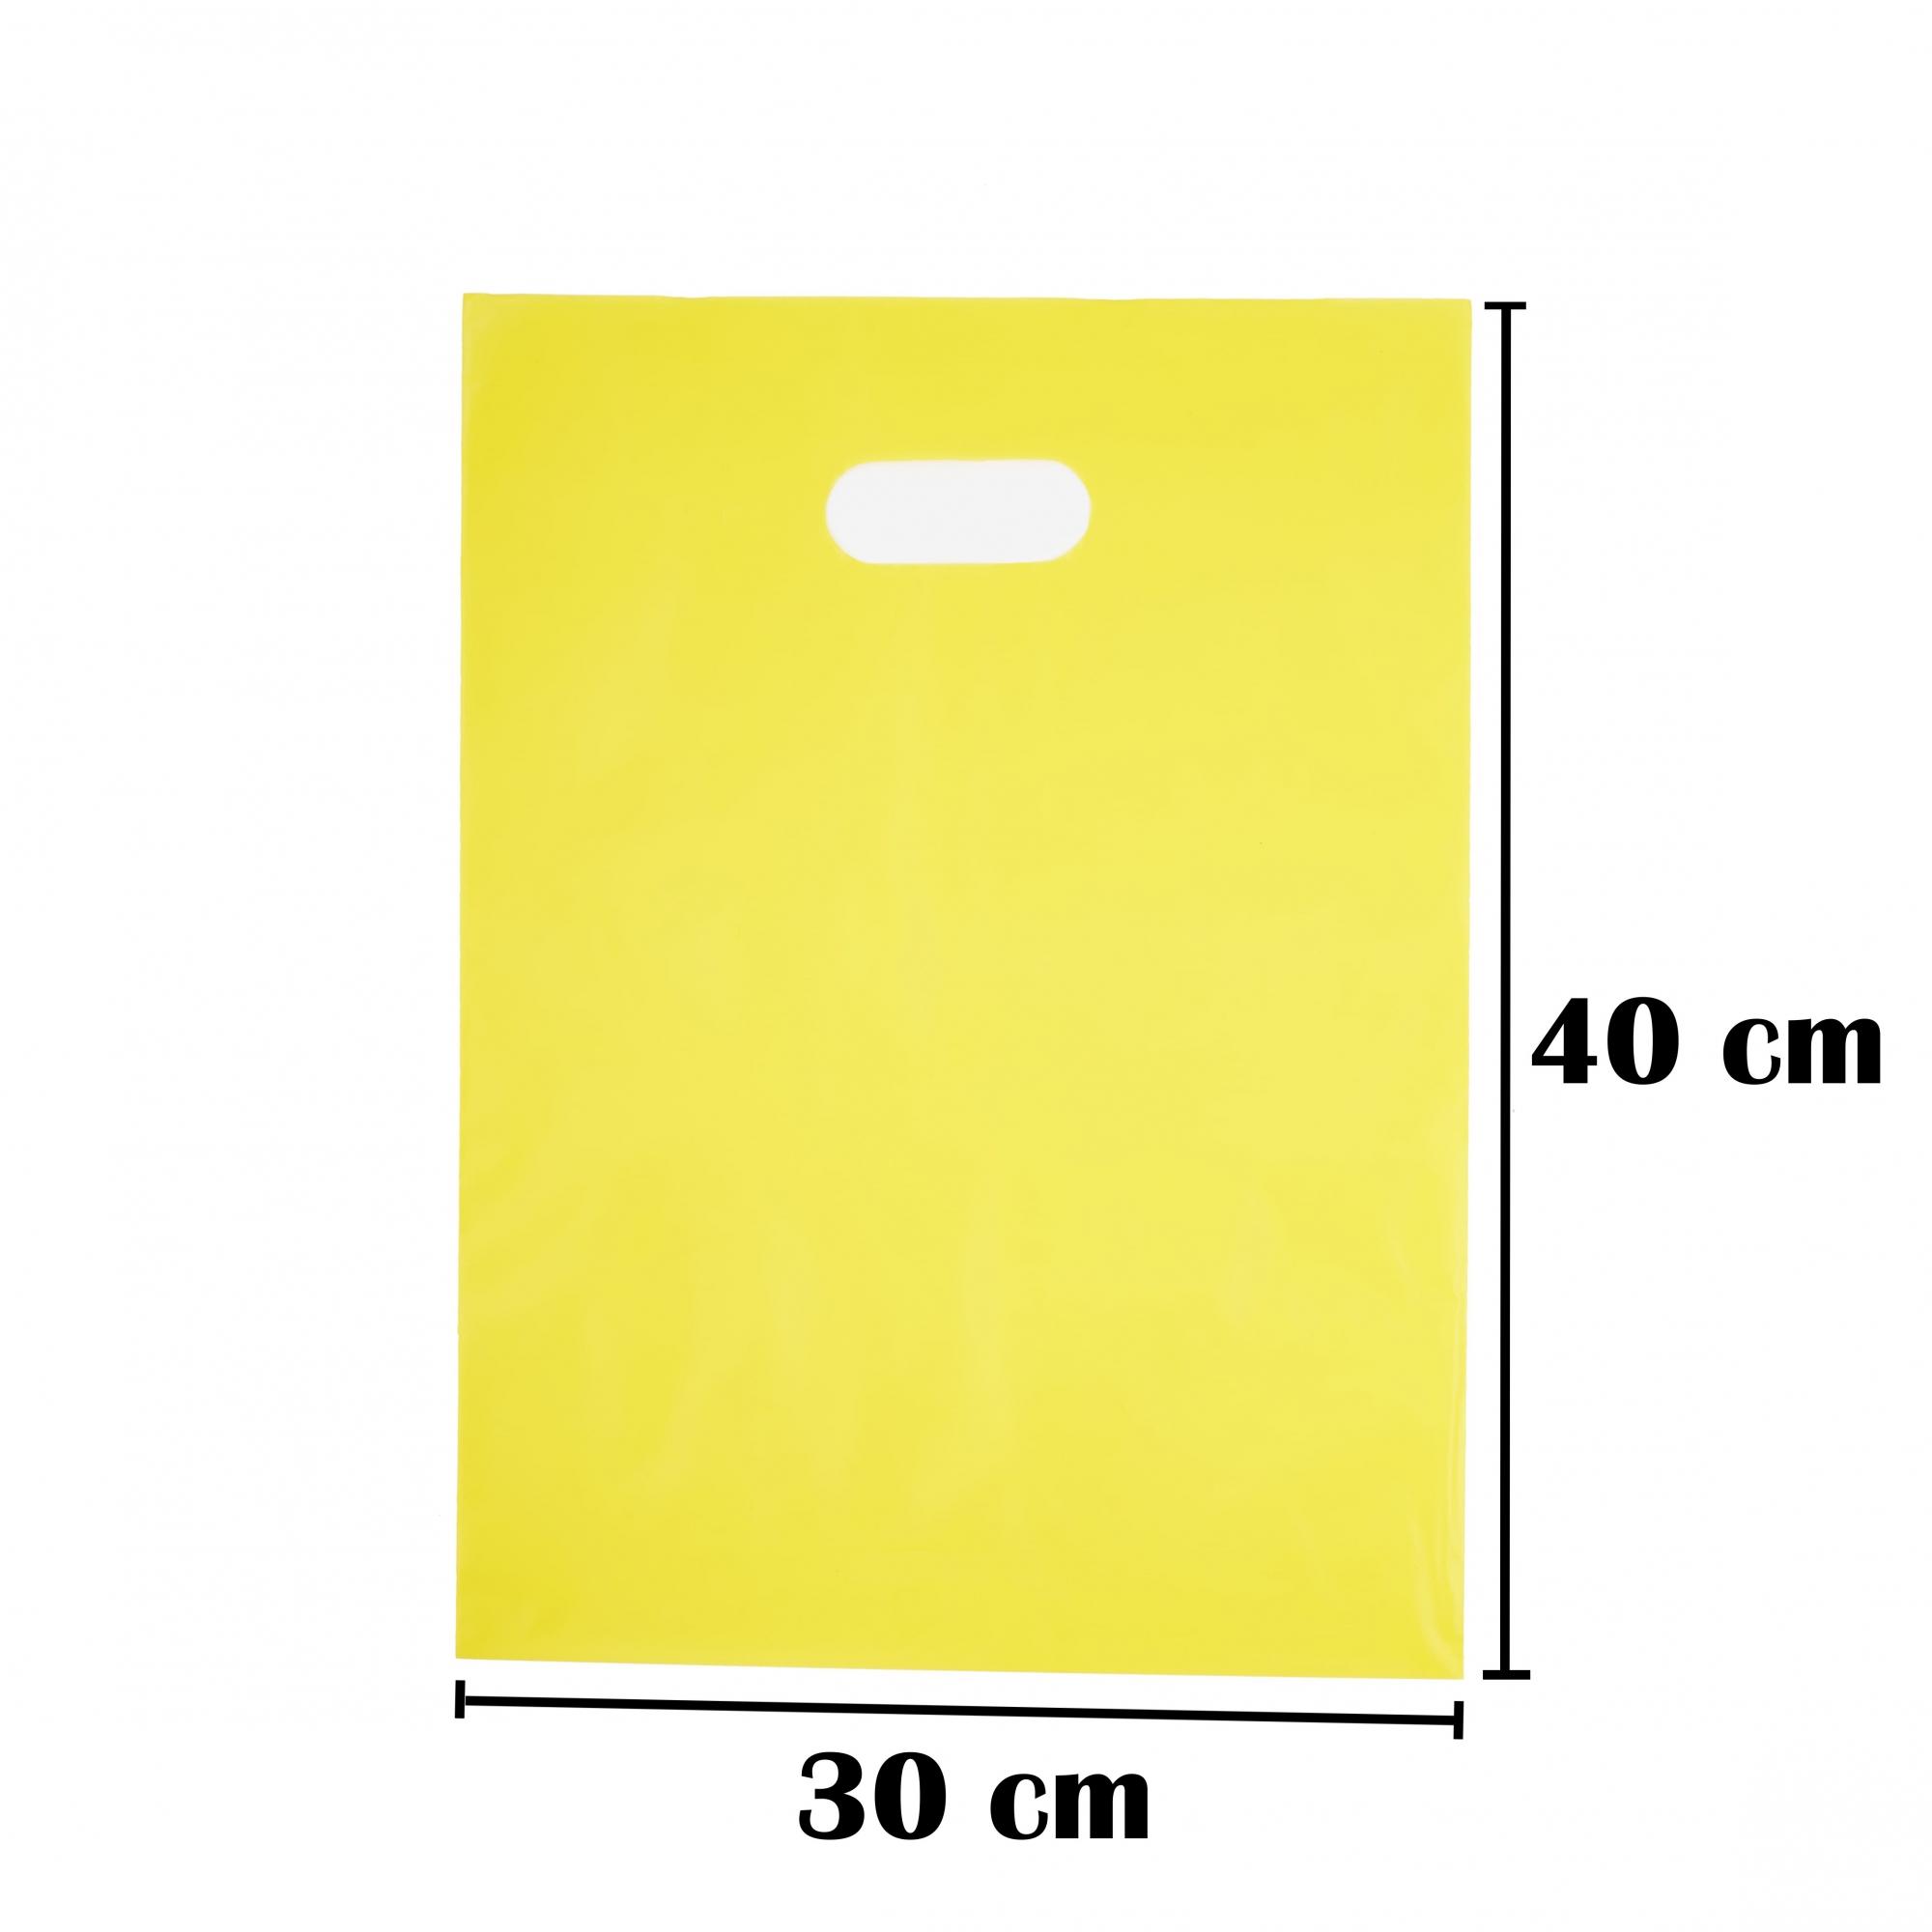 Sacola Plástica 30x40 Amarela Alça Boca de Palhaço 250 Unidades